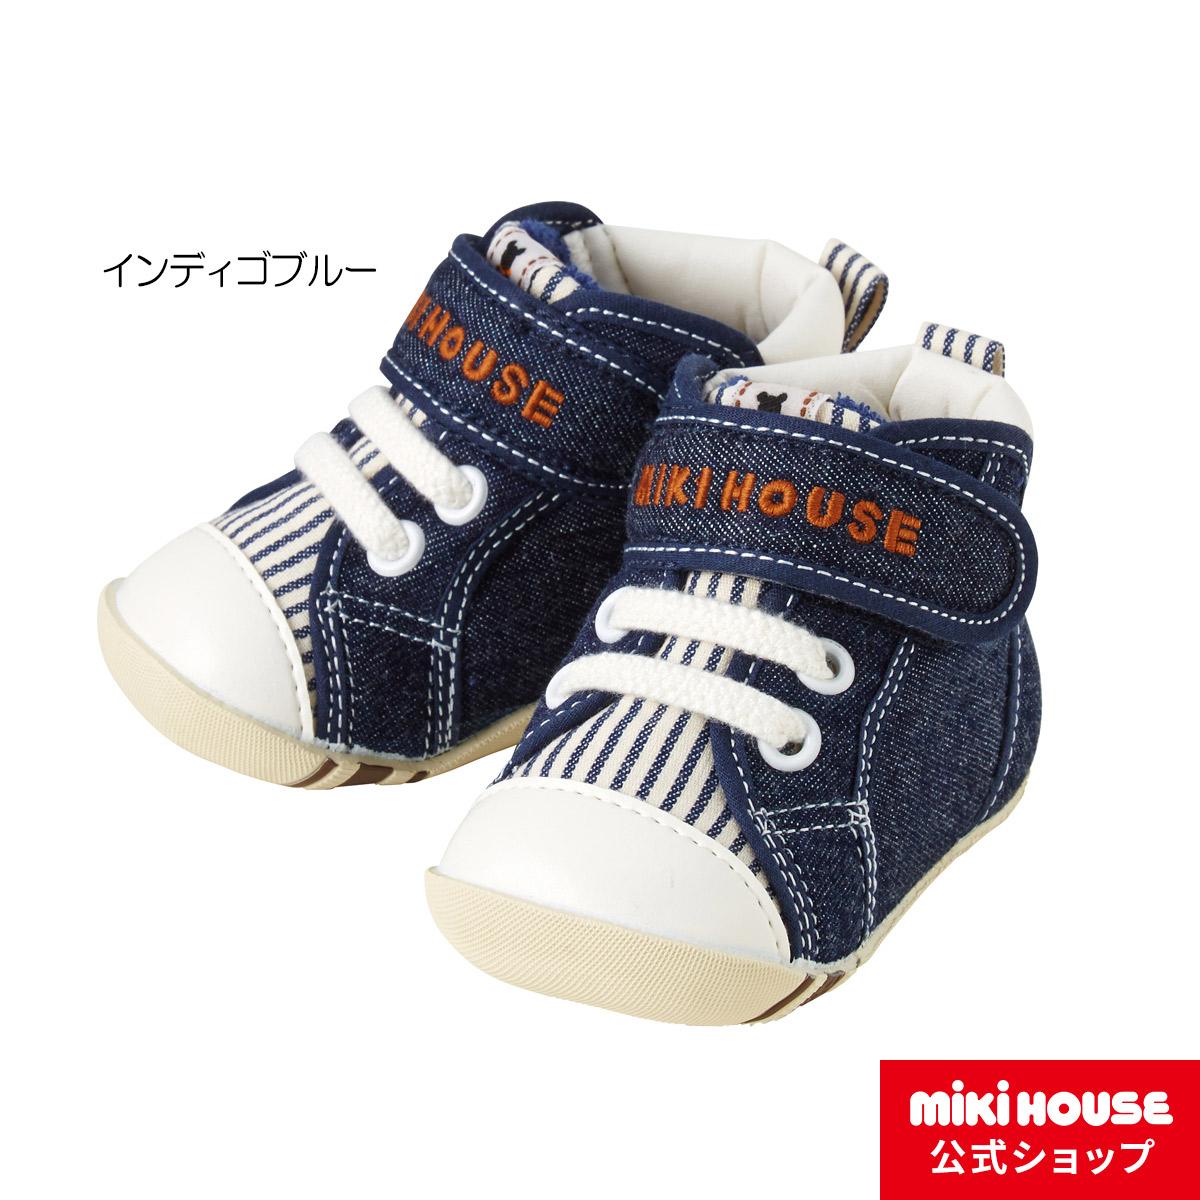 ミキハウス mikihouse デニム素材のベビーファーストシューズ(11cm-13cm) ベビー 赤ちゃん 男の子 女の子 靴 プレゼント 出産祝い